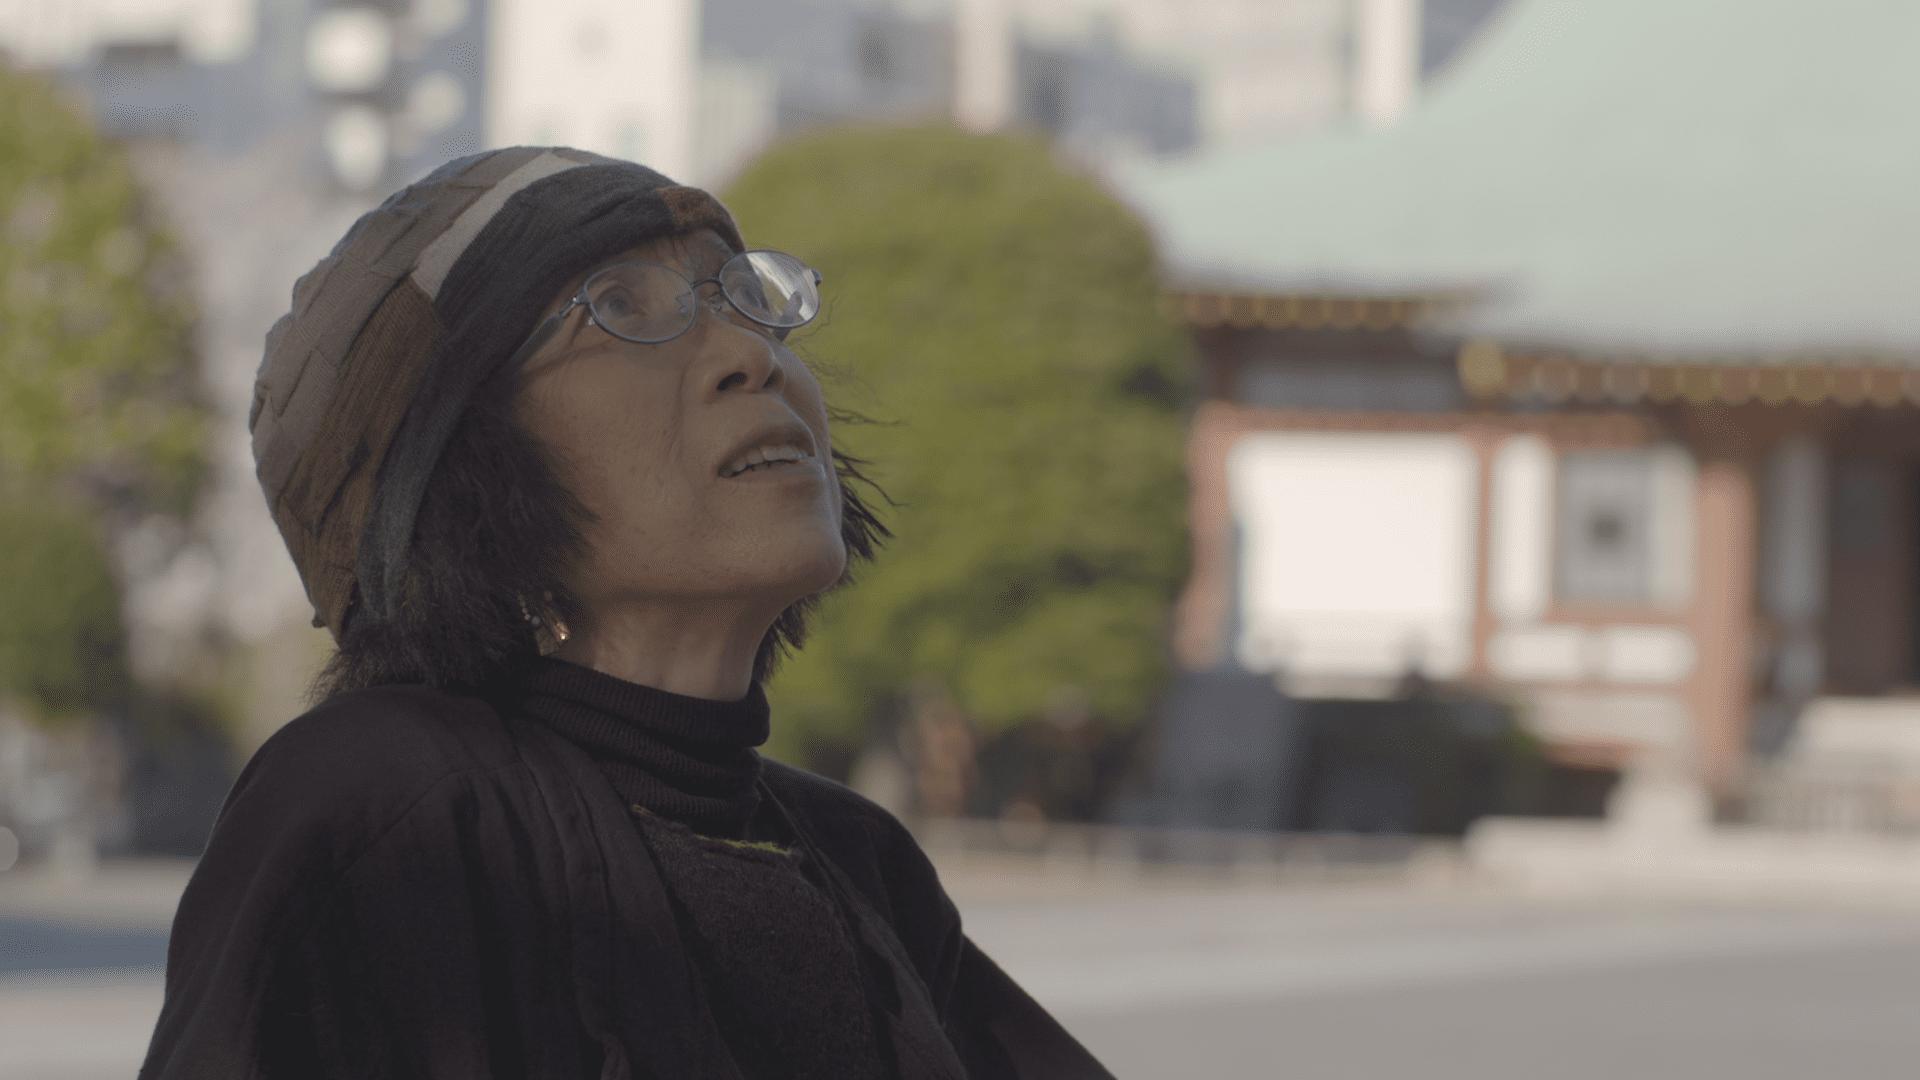 『この星は、私の星じゃない』田中美津さんトークイベント